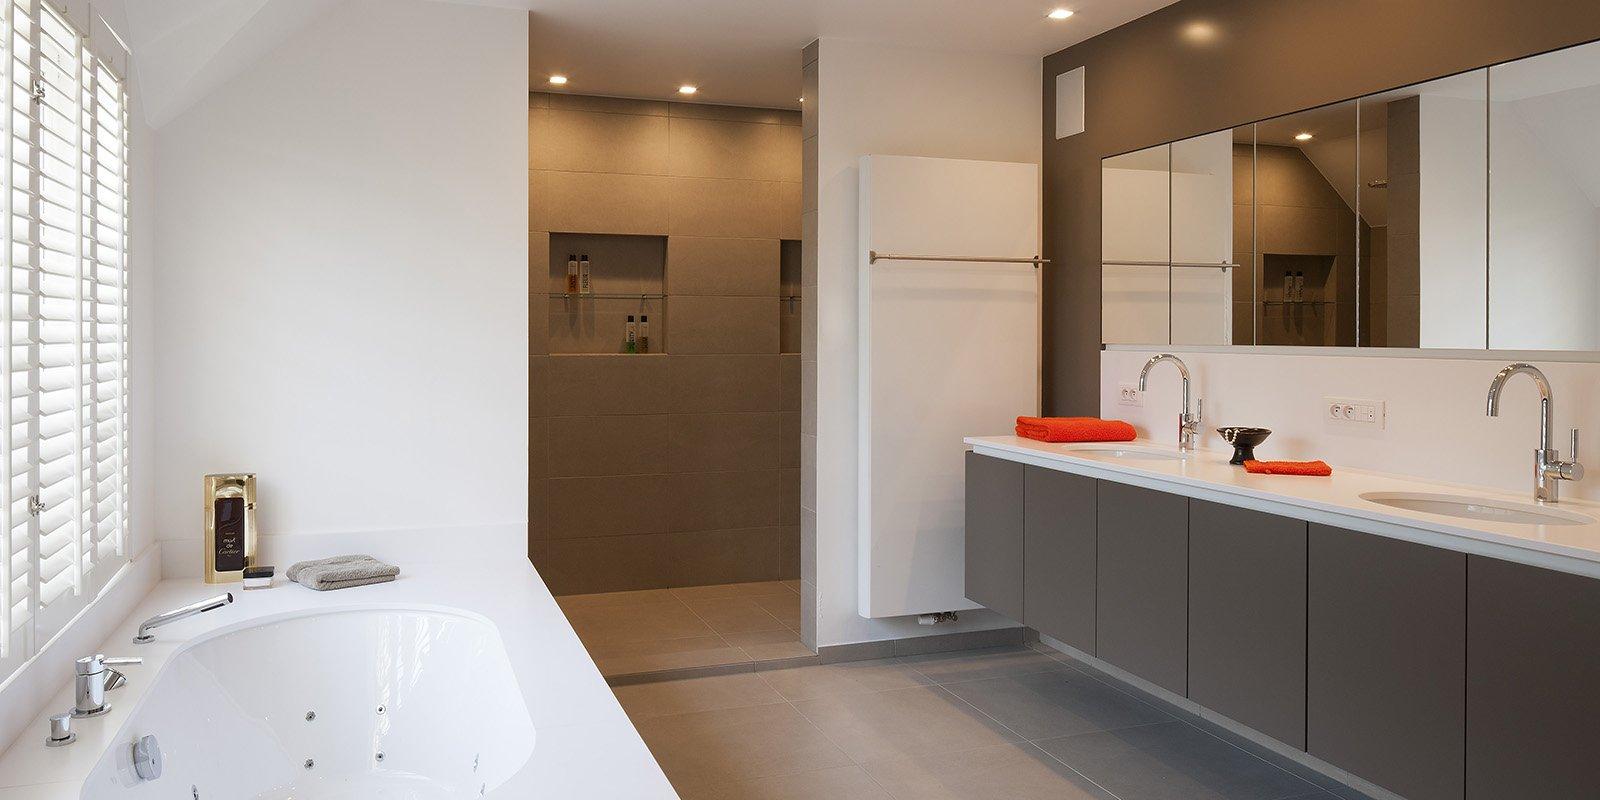 Badkamer die is ontworpen door b+villas met een piekfijne afwerking en moderne aspecten